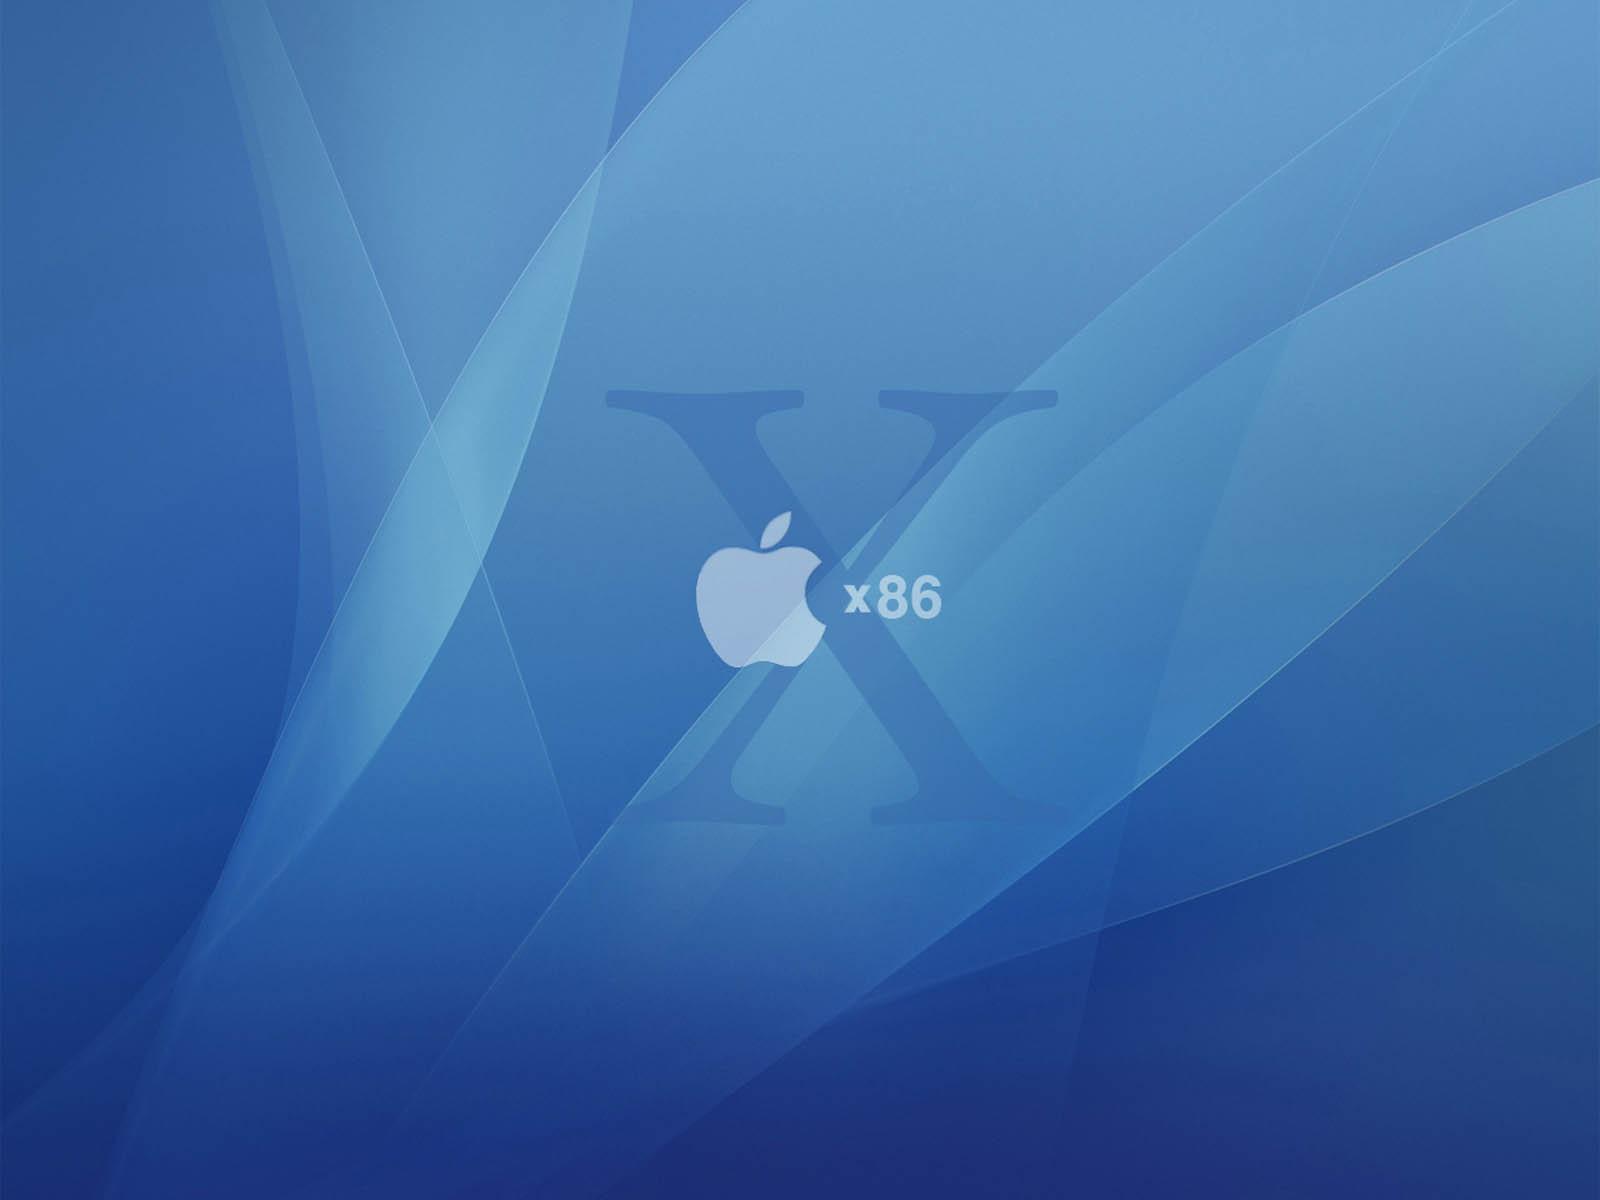 http://1.bp.blogspot.com/-IAfNyrXJovE/UEW8SMuN1pI/AAAAAAAAJLc/SS4GFH_chbA/s1600/Mac+OS+X+Wallpapers+4.jpg